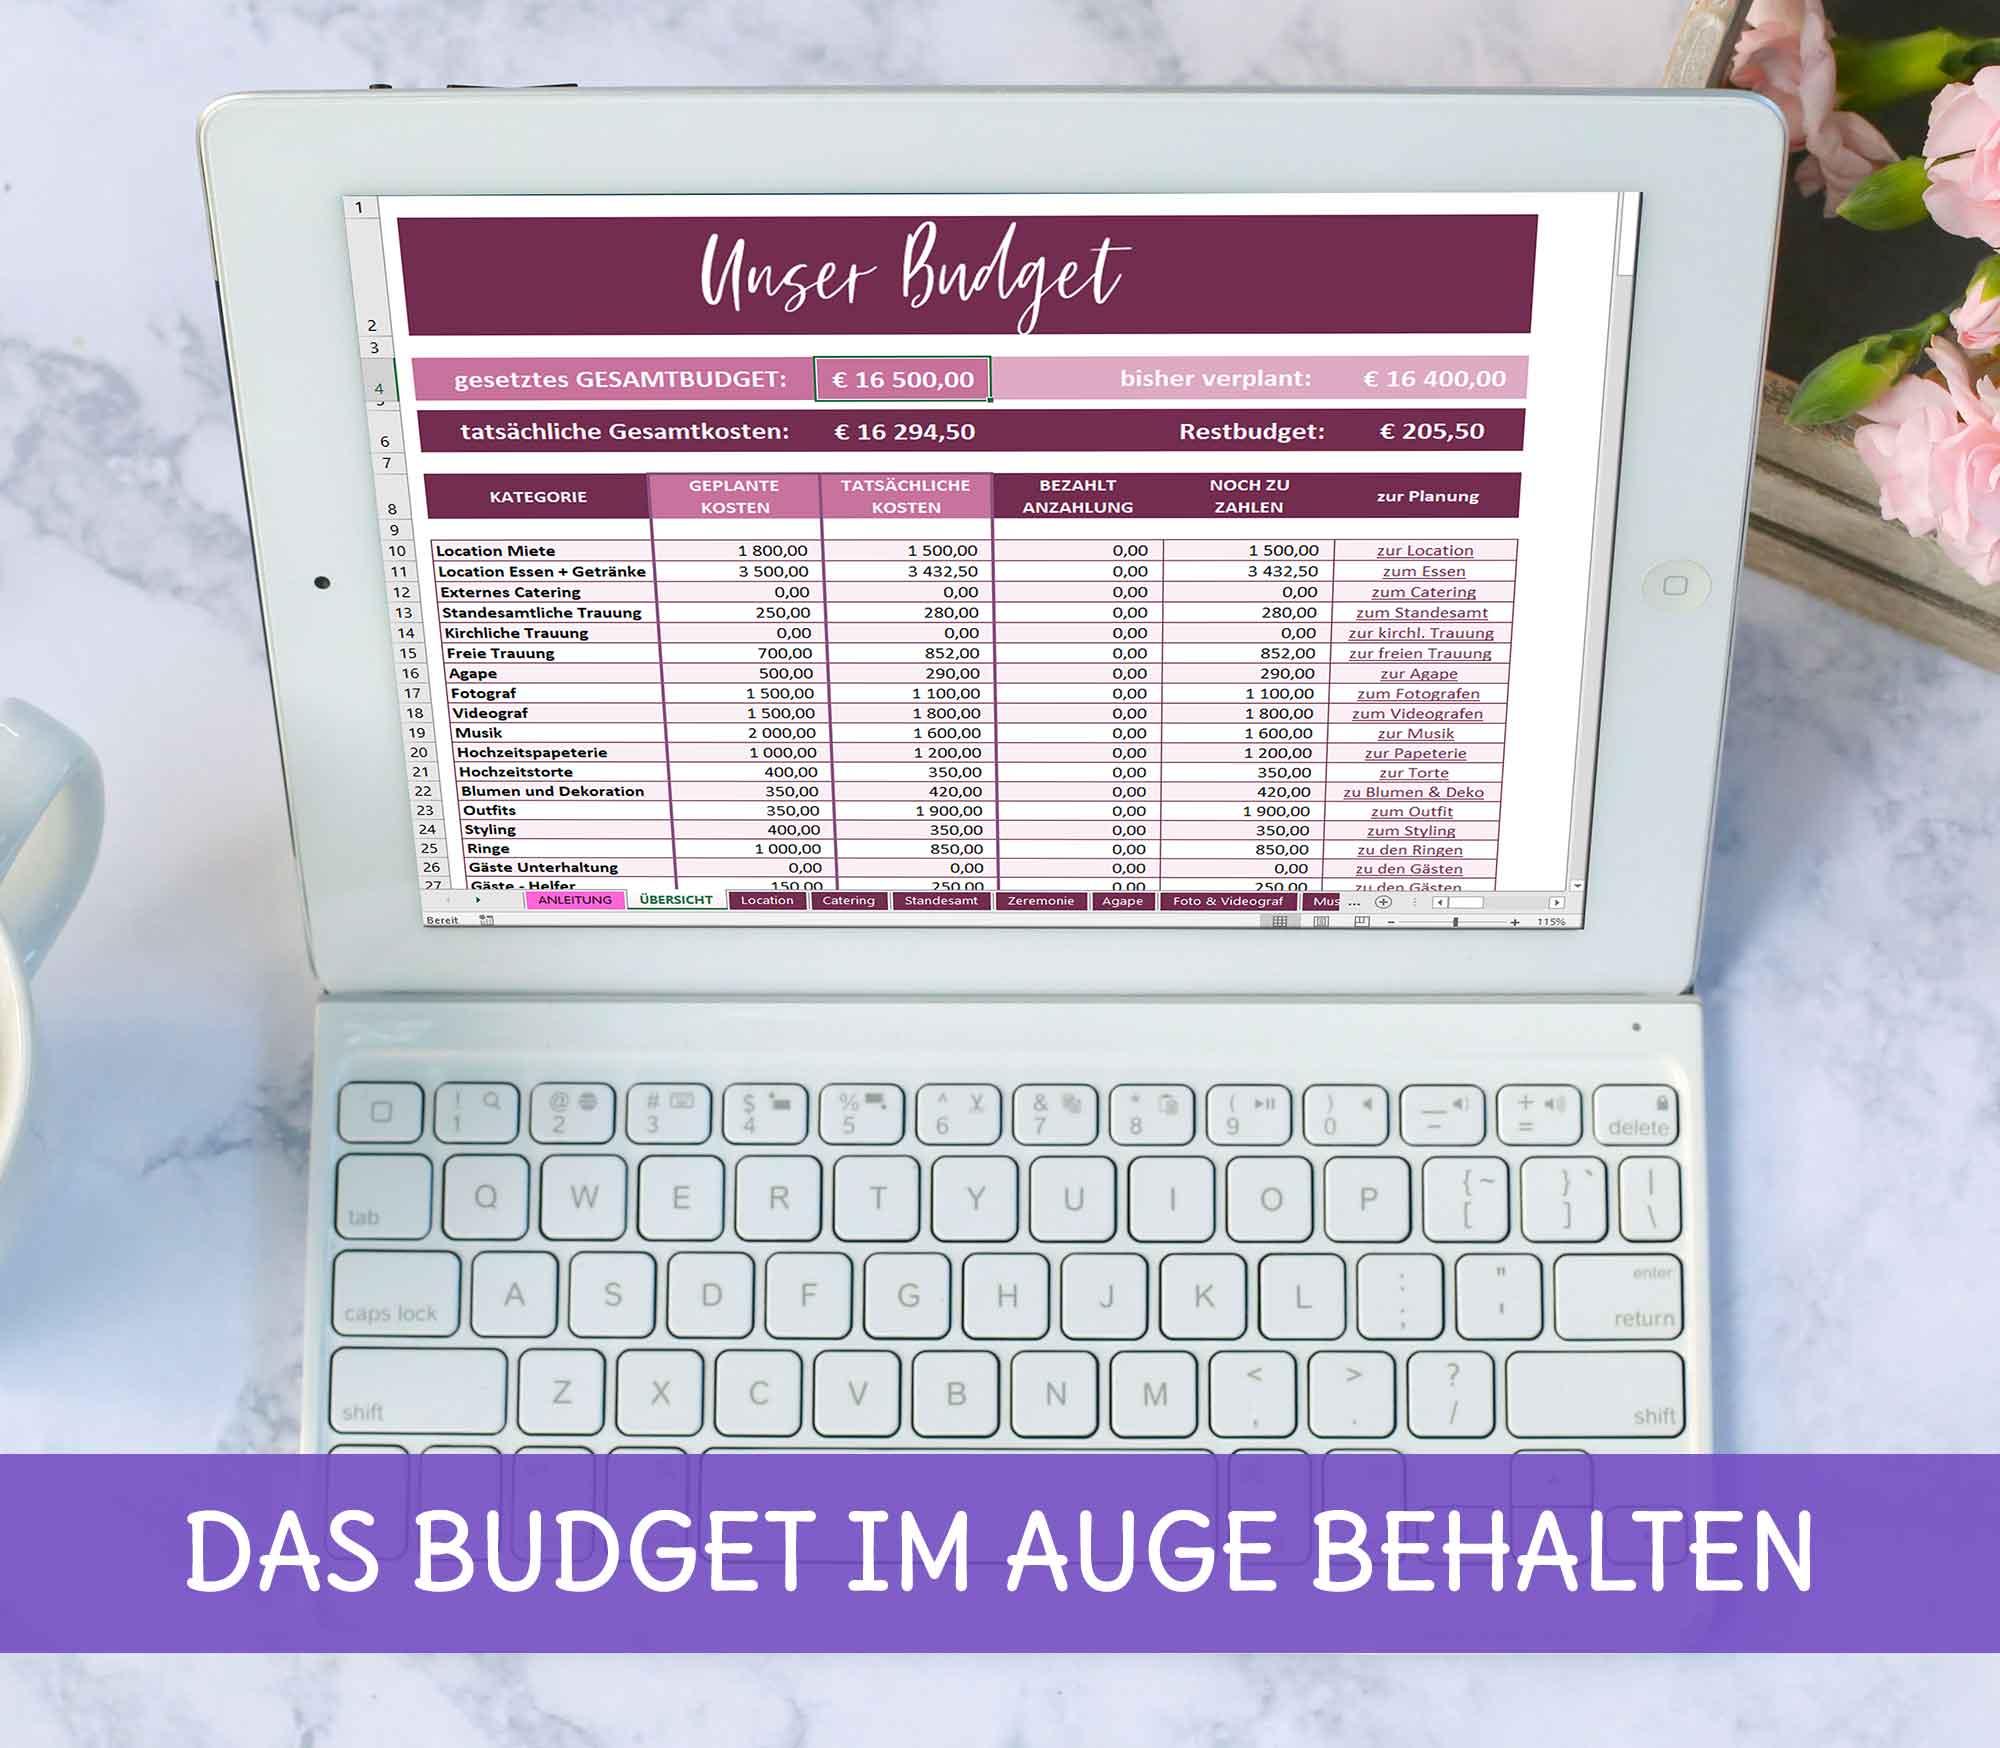 Hochzeitsplanung: Was kostet eine Hochzeit - Budgetplaner in Excel zum Downloaden Ablauf